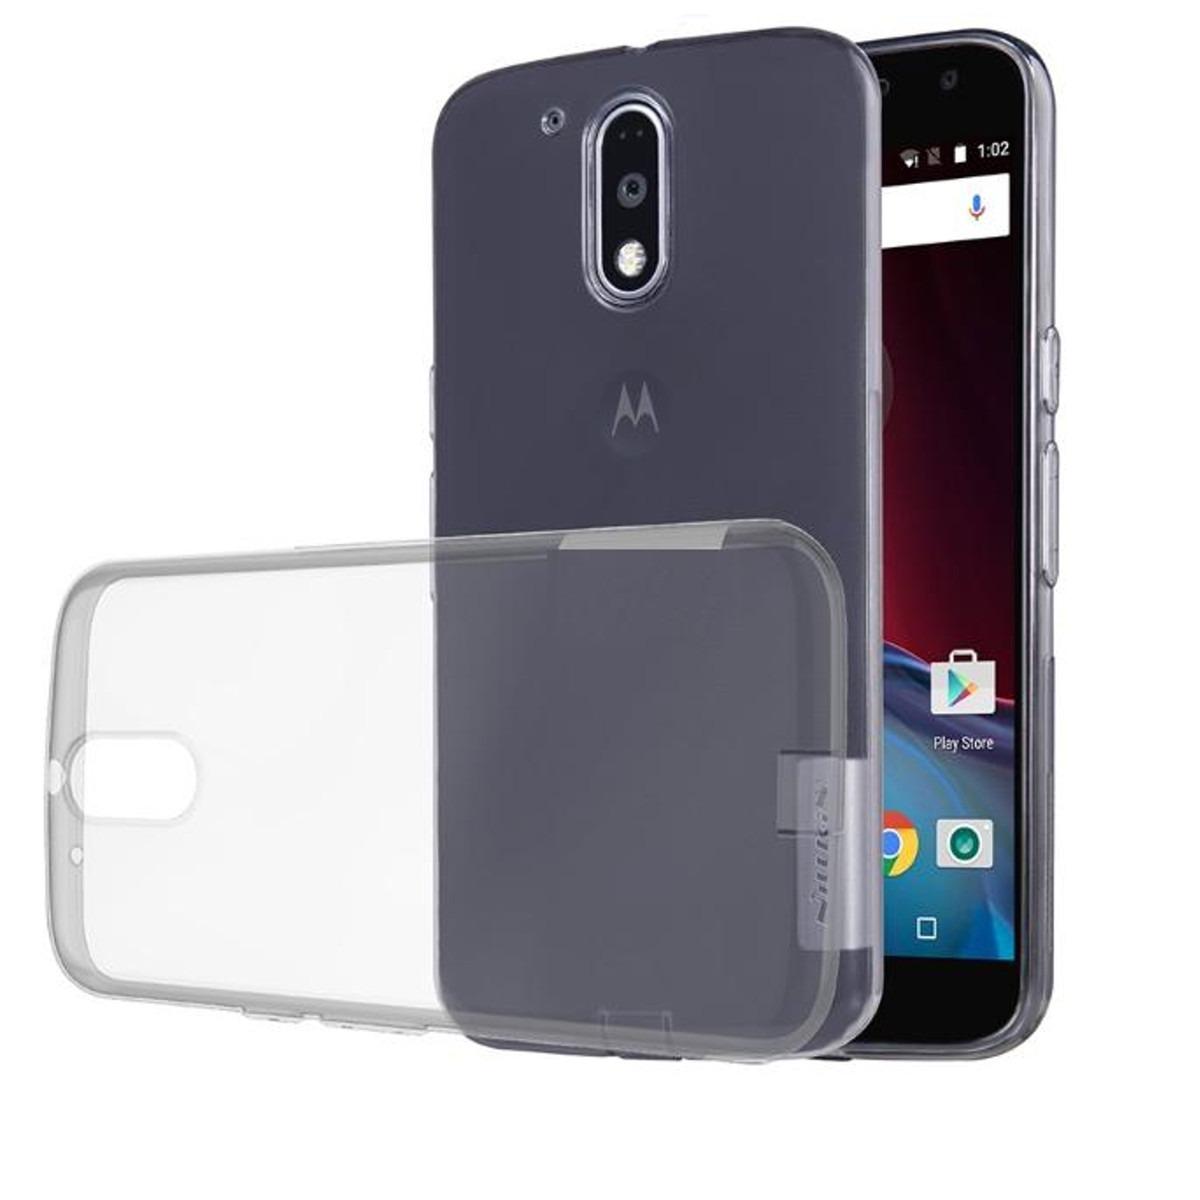 040e4865302 Funda Tpu Transparente Moto G4 G4 Plus Anti Golpe Case Slim - $ 49 ...